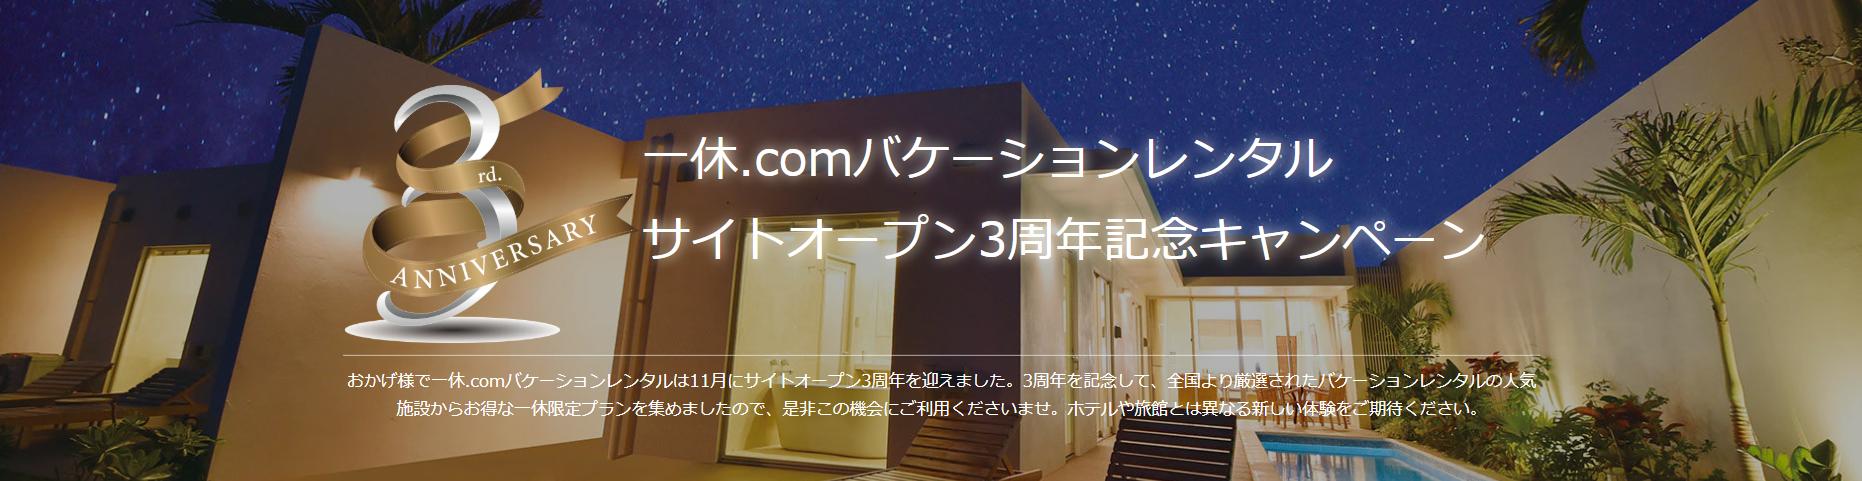 一休.comバケーションレンタル、サイトオープン3周年記念セールを2020年2月末まで実施